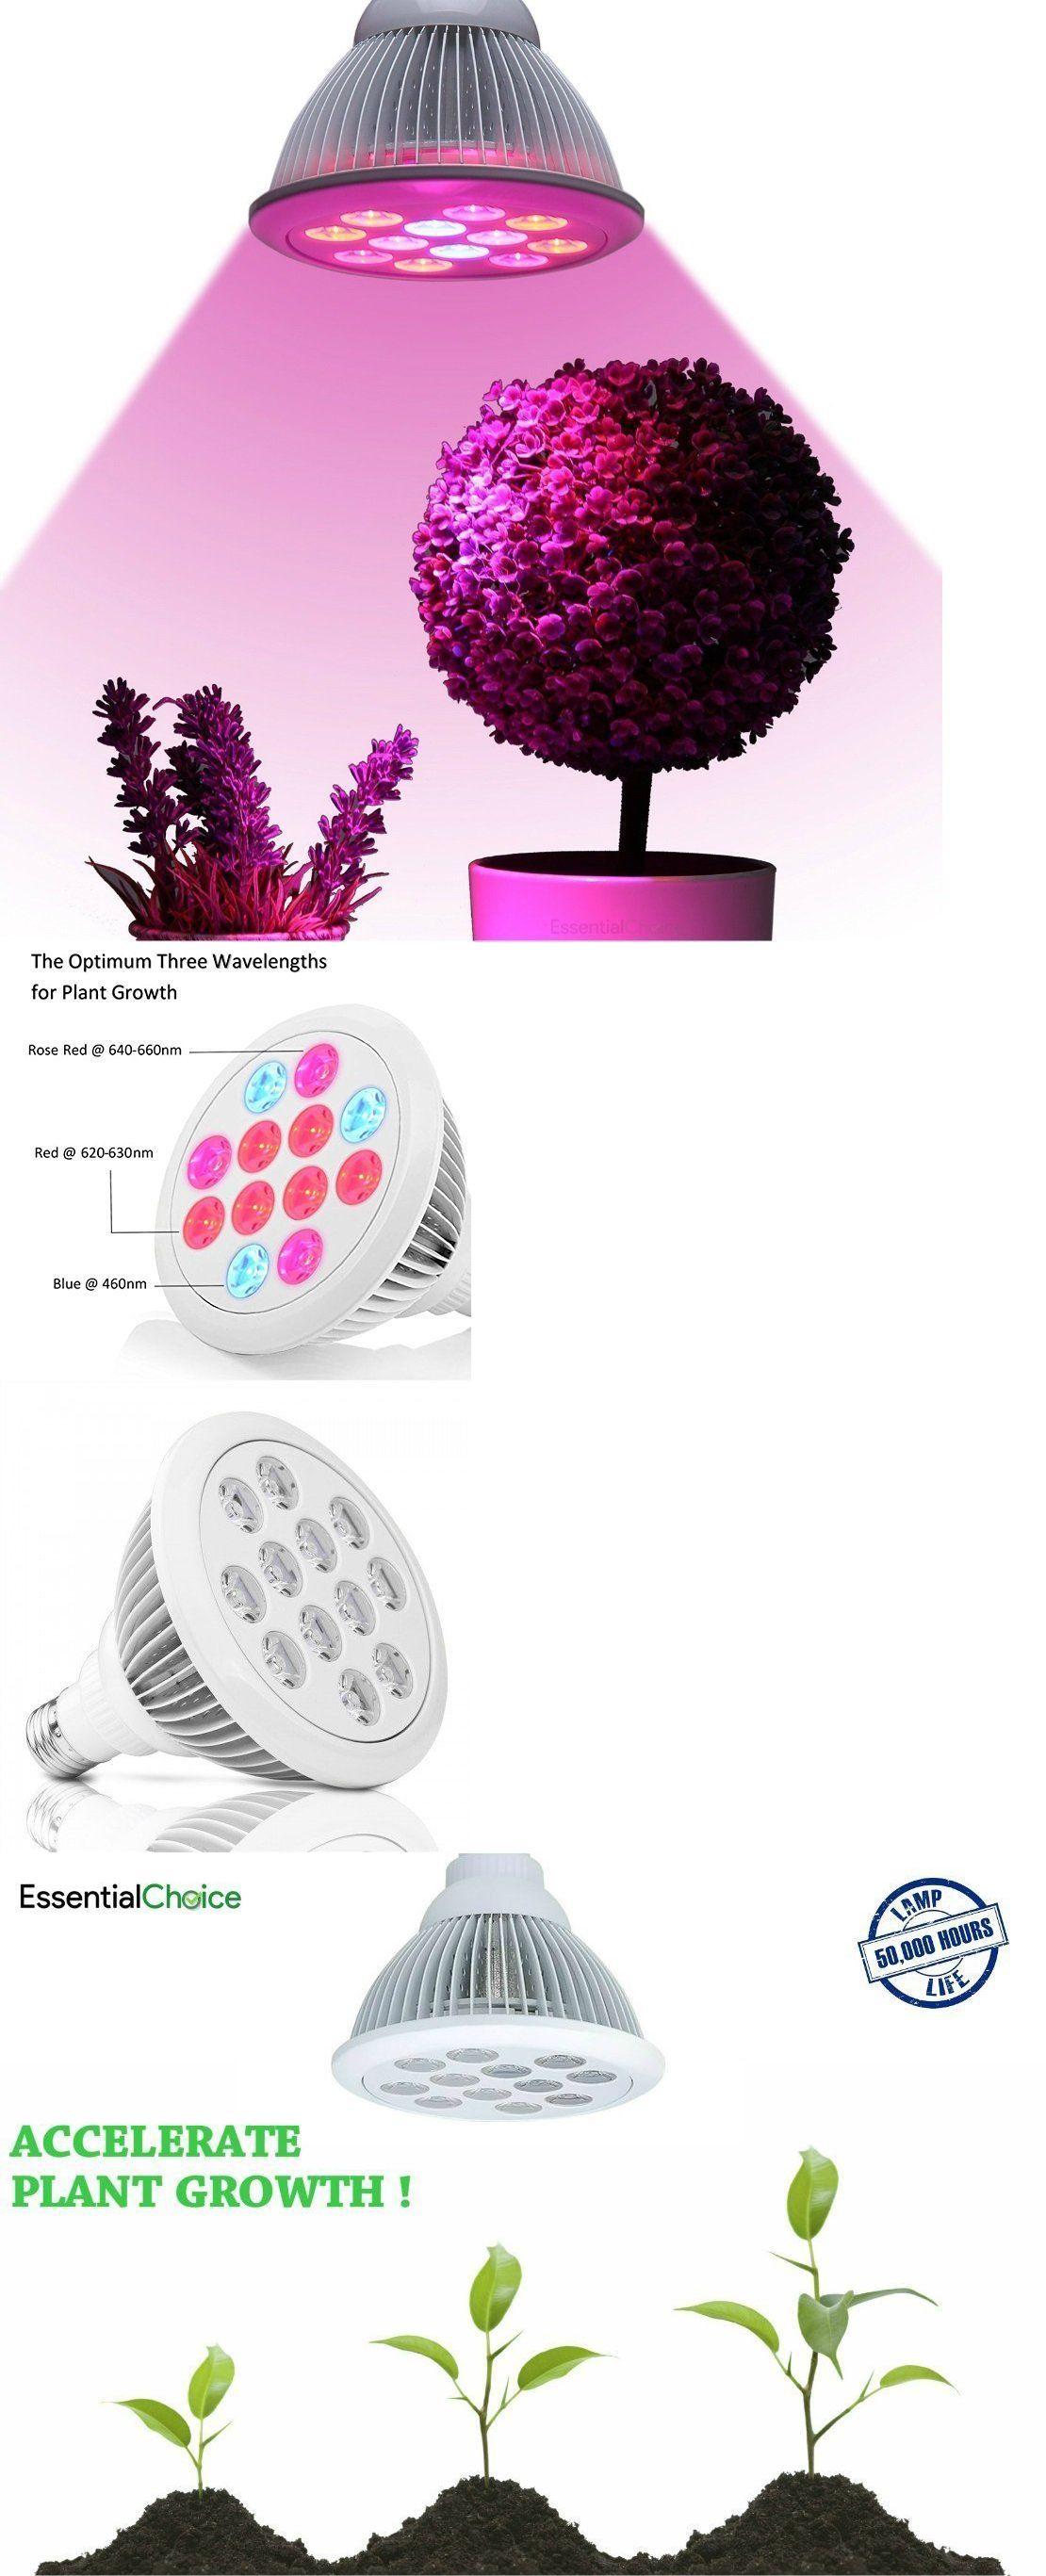 Grow Light Bulbs 178988 Industrial Grade Led Grow Light Full Spectrum Hydroponic Bulb High Luminosity Buy It Now On With Images Led Grow Lights Grow Light Bulbs Bulb